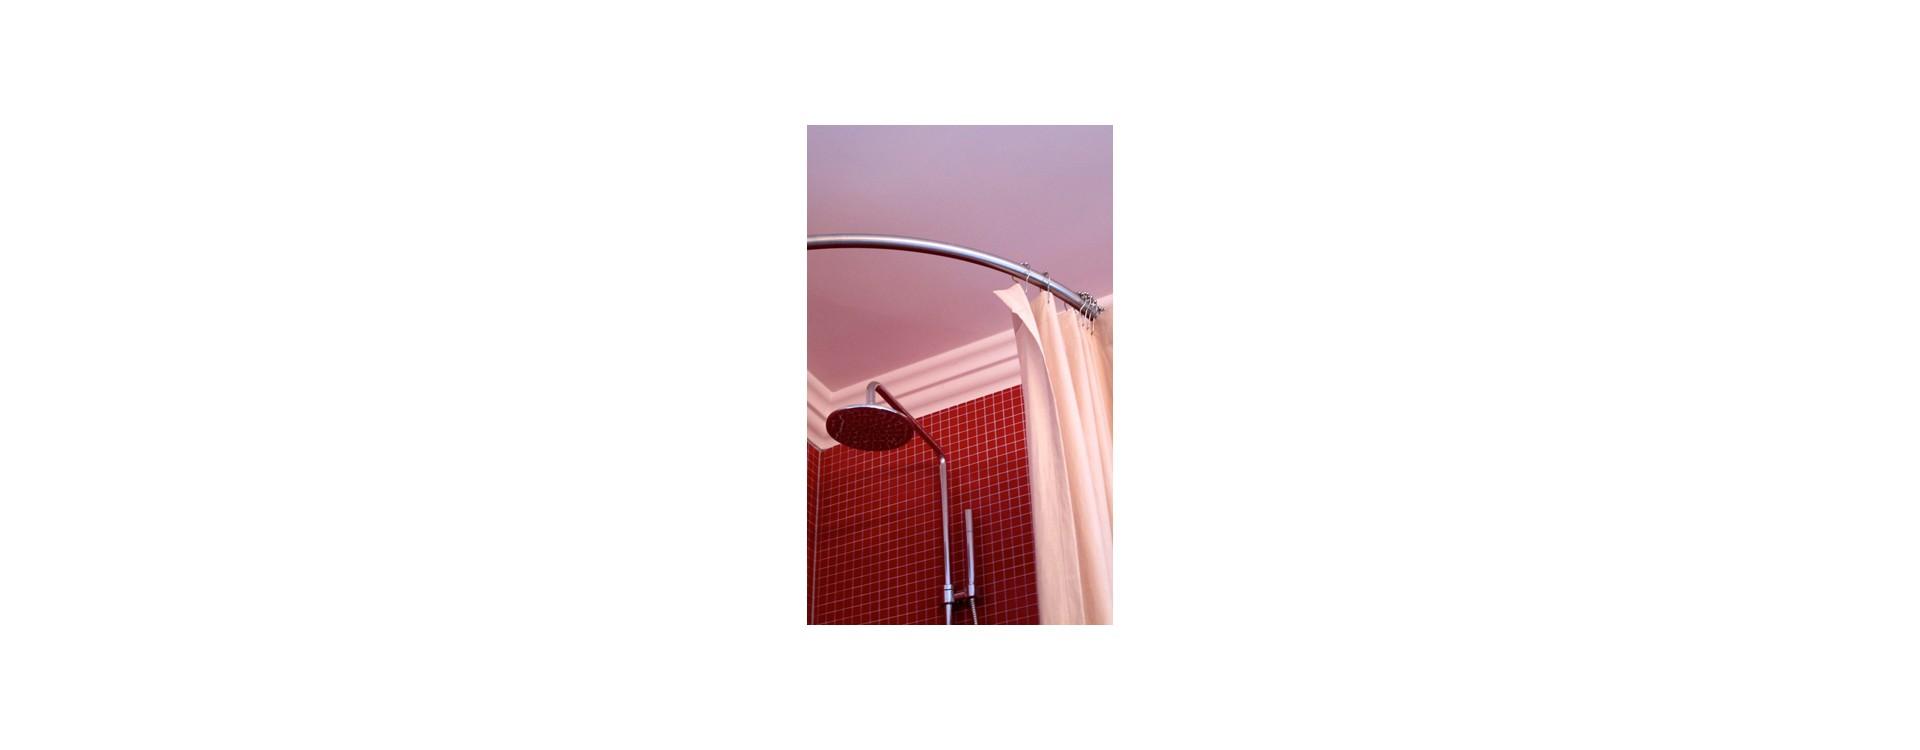 Galbobain dans l ambiance baroque d une salle de bain de d corateur galbobain - Rideau giet douche italienne ...